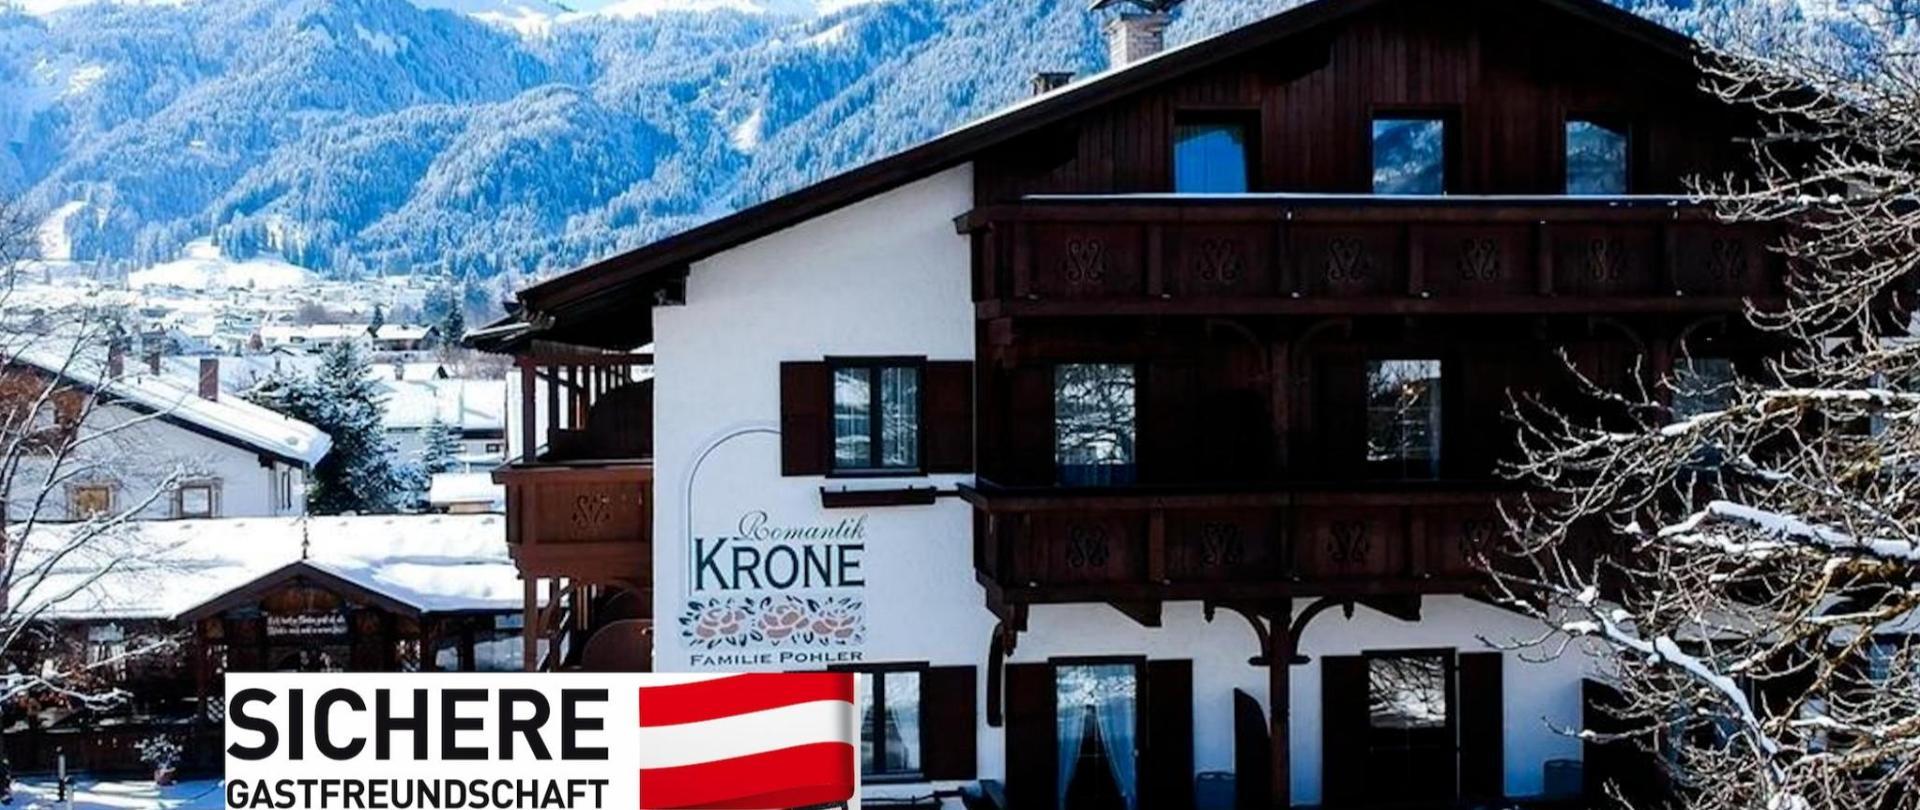 krone-winter-aussen-bs.png